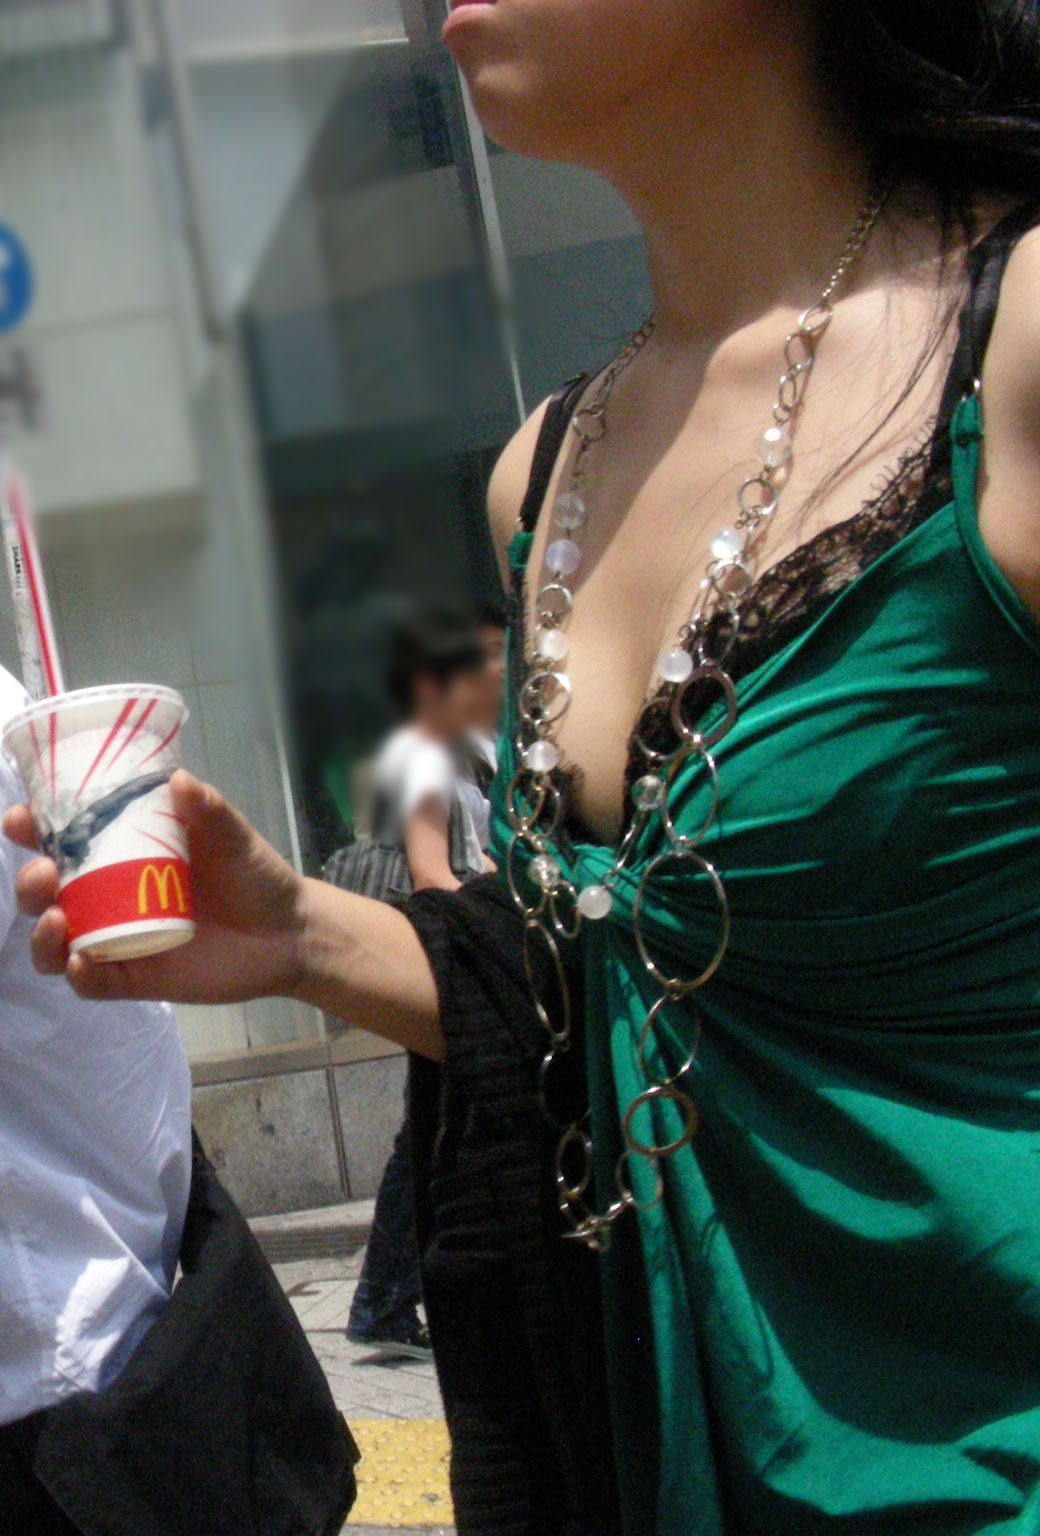 【おっぱい】巨乳の女の子の私服って全部こんなに膨らむものなの?w【30枚】 07